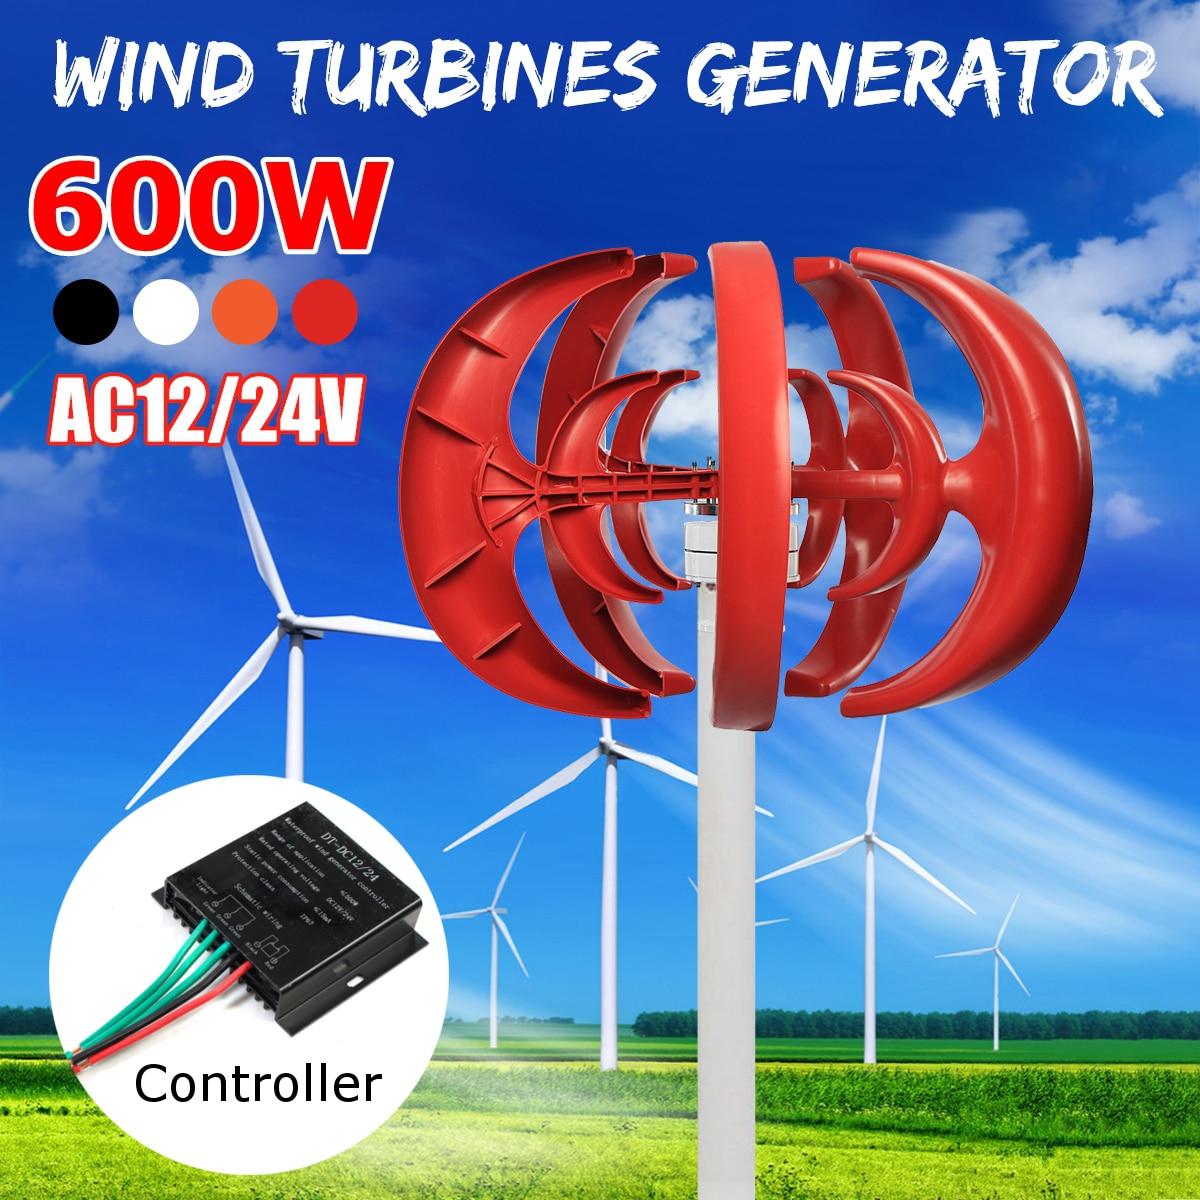 Vent Turbine Max 600 w DC 12 v 24 v Combiner Avec 600 w Anglais Vent Générateur Contrôleur Maison Pour maison Hybride Lampadaire Utiliser